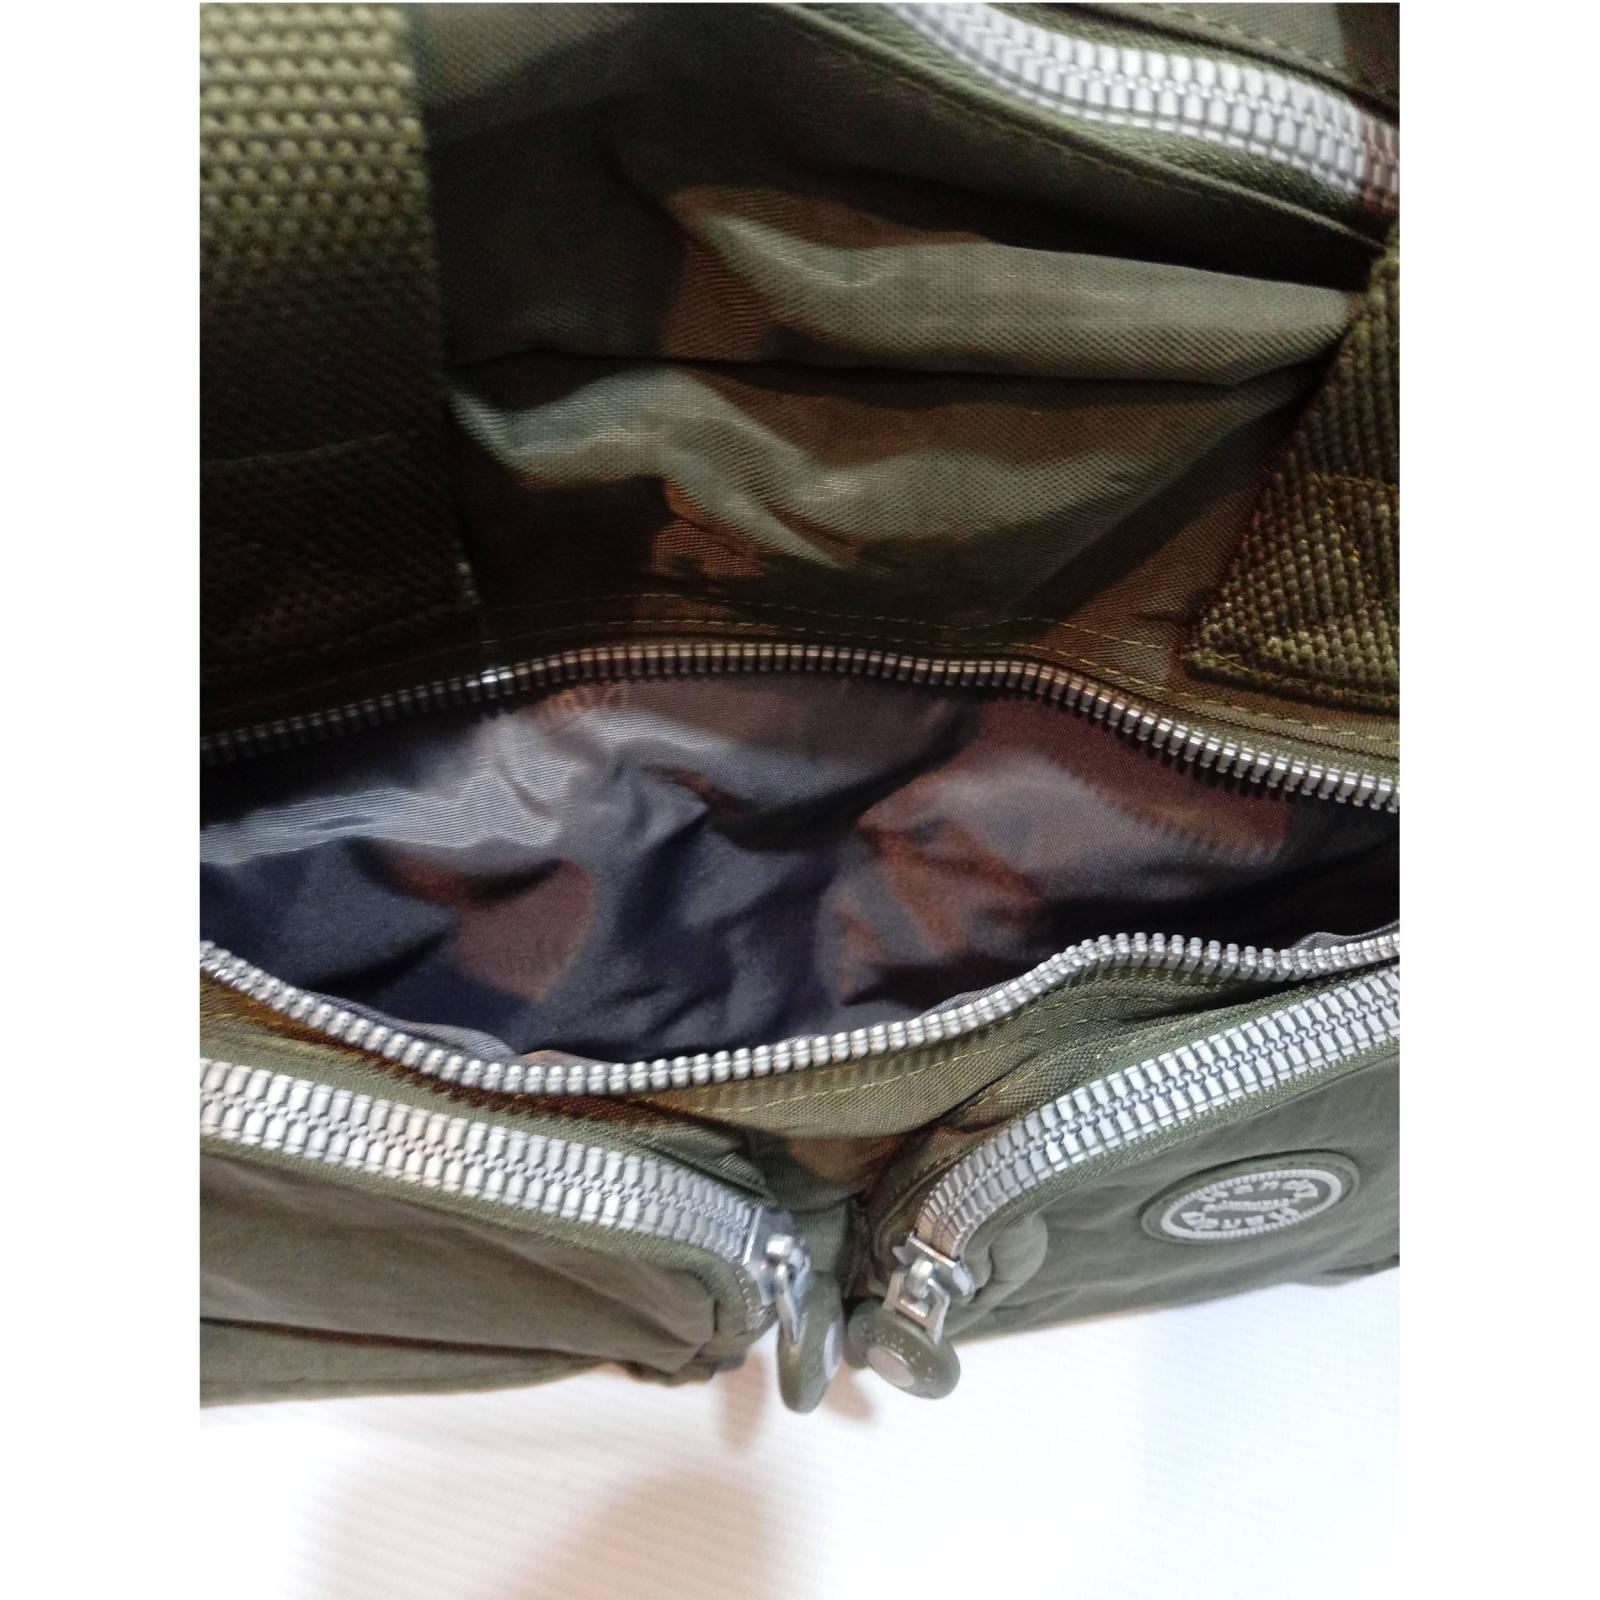 کیف رو دوشی هندری مدل 48  -  - 5